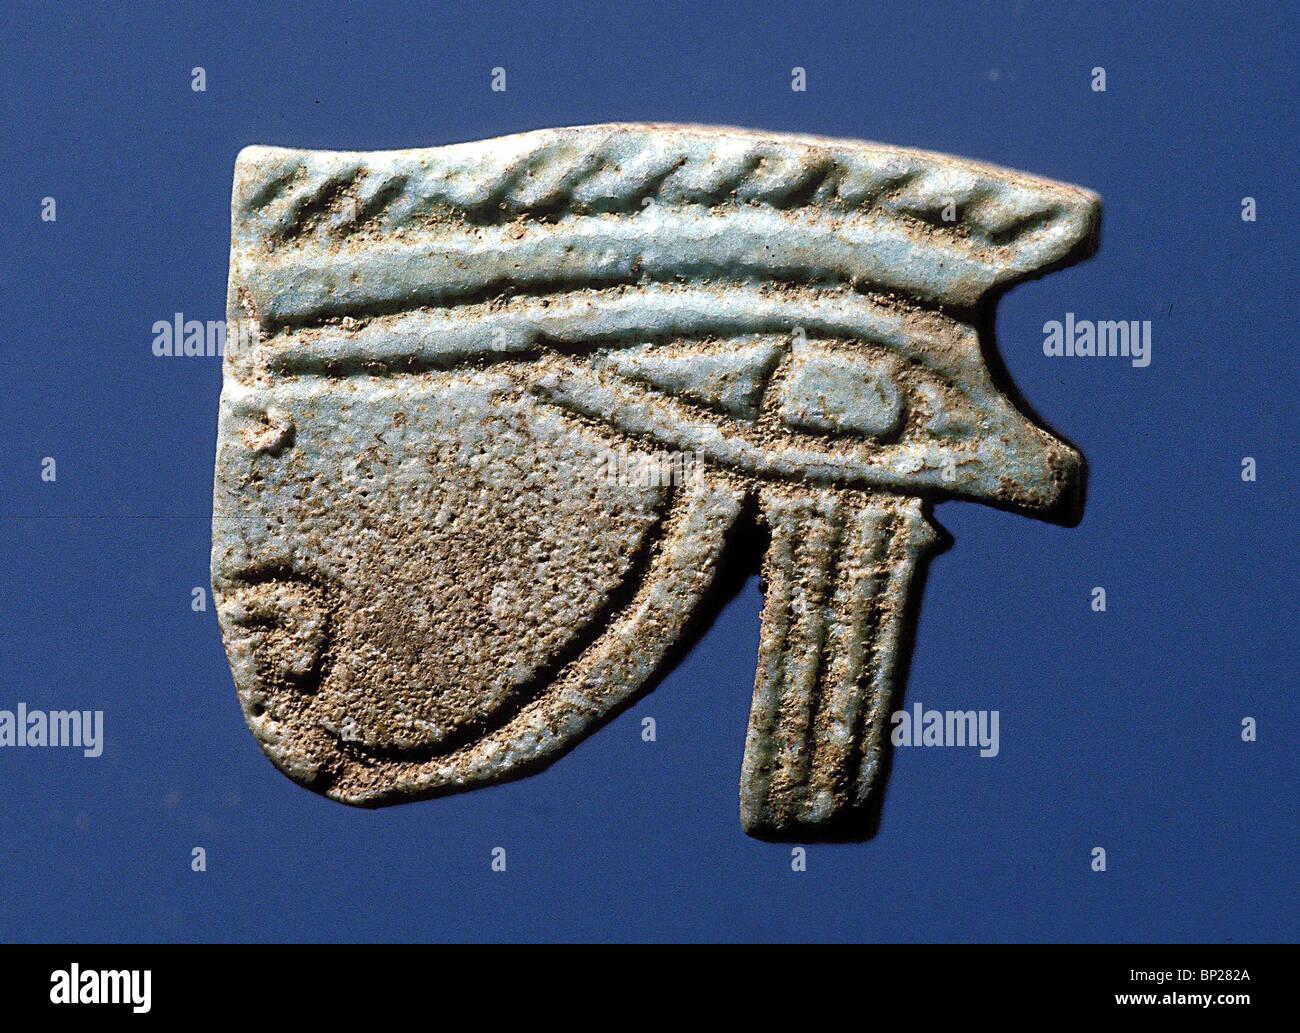 """1795. Il 'UDJAY occhio del dio Horus, fu un famoso amuleto egiziano indossato come protezione contro il """"malocchio"""" Immagini Stock"""